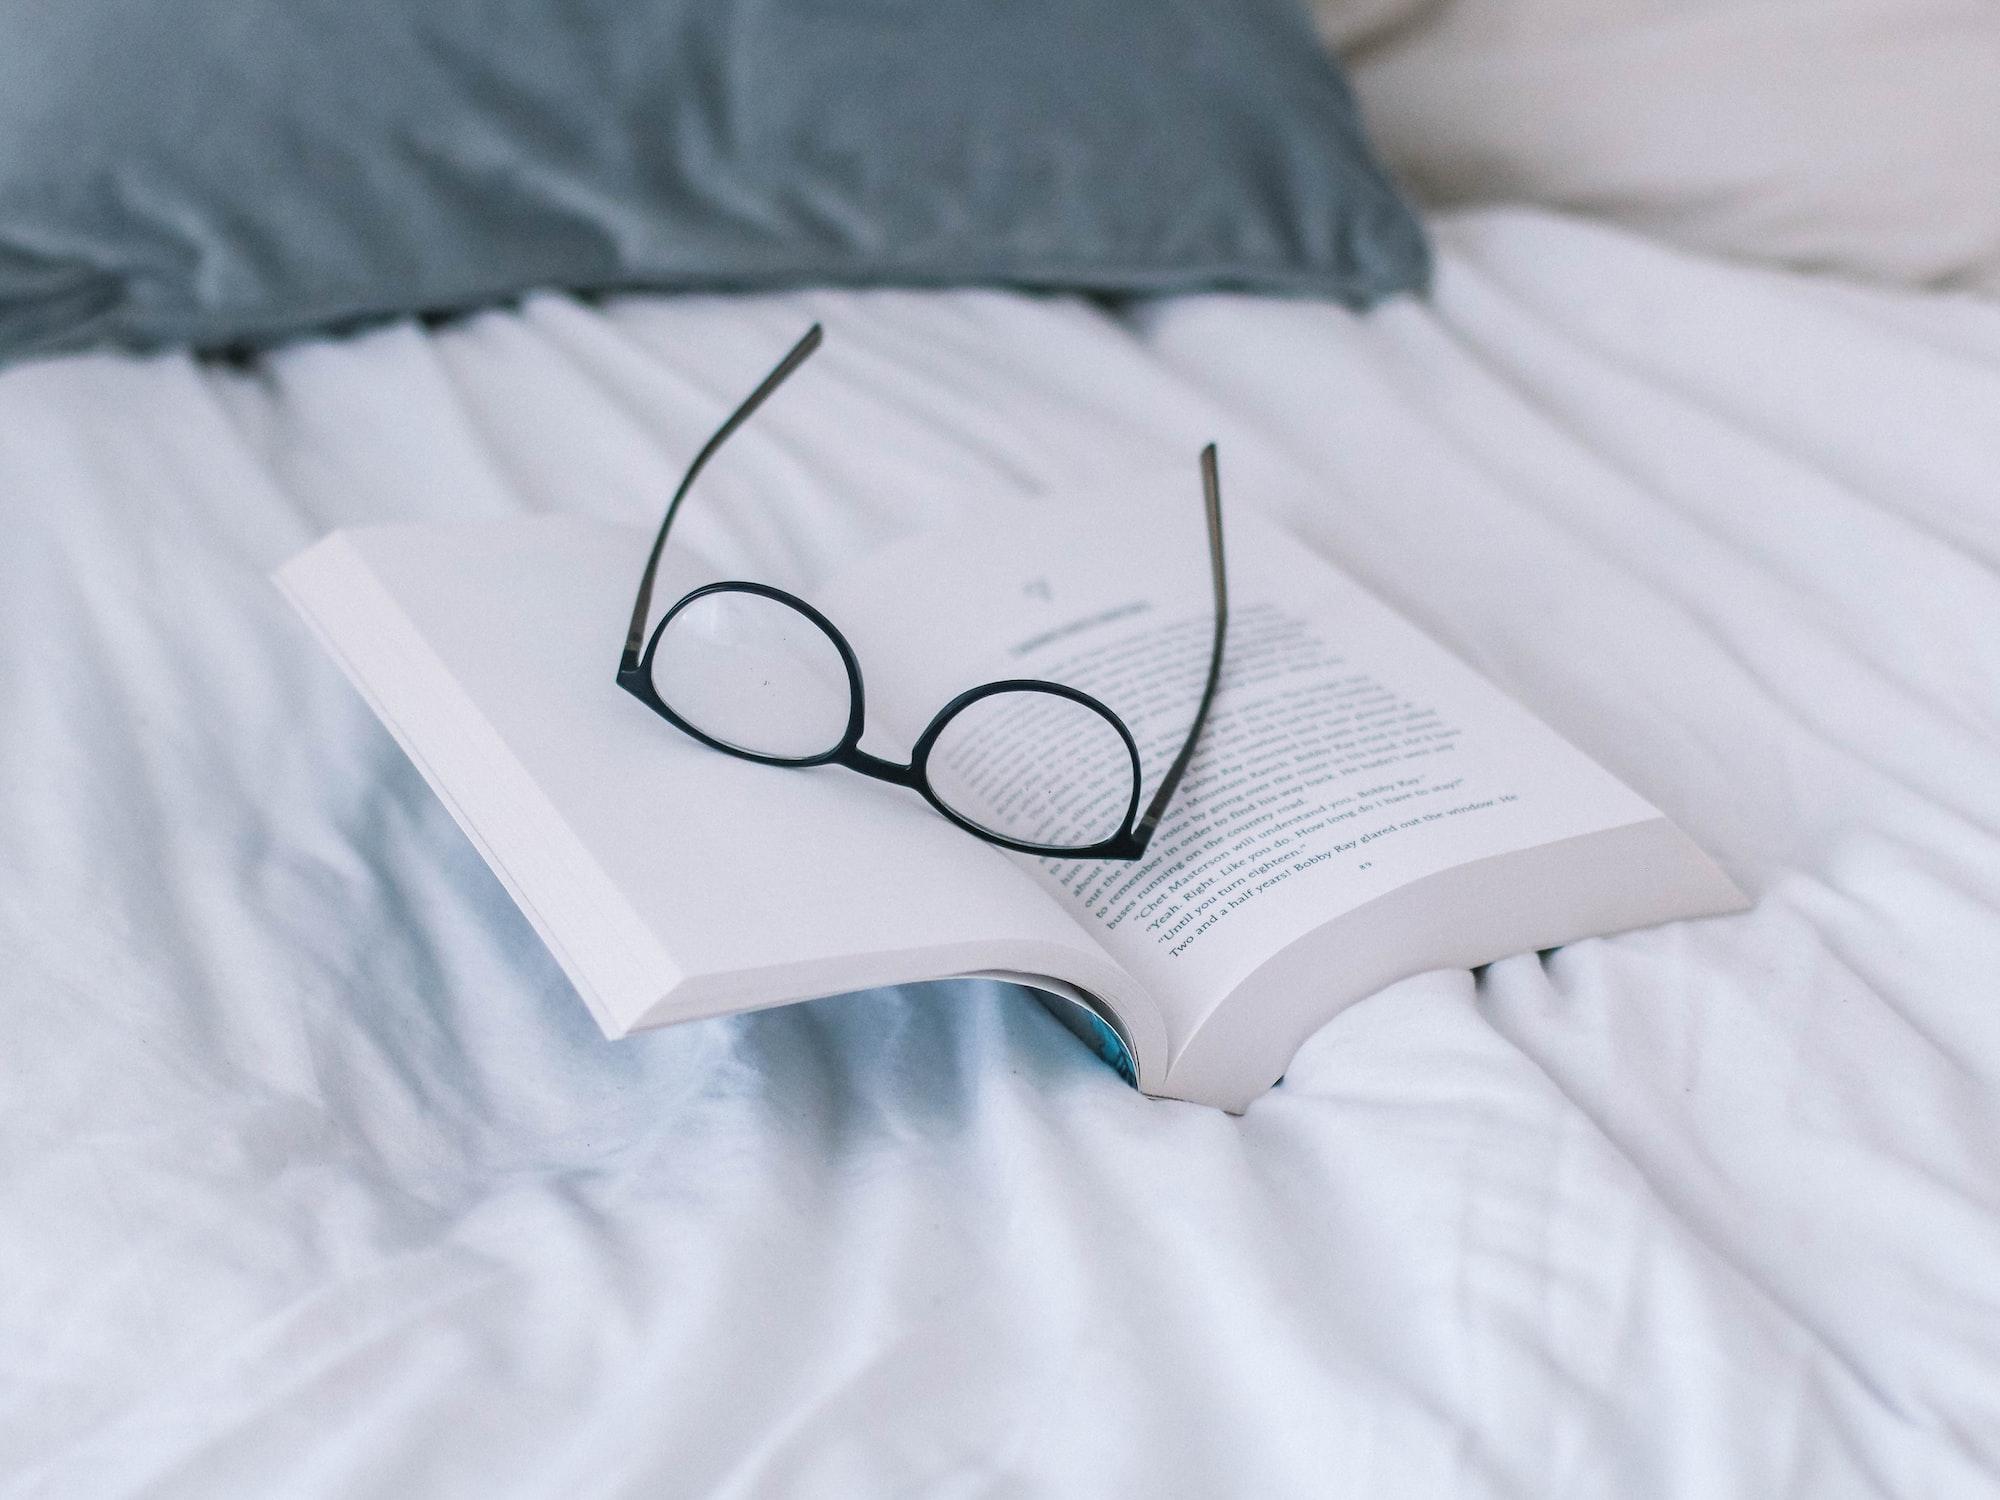 Leseempfehlung